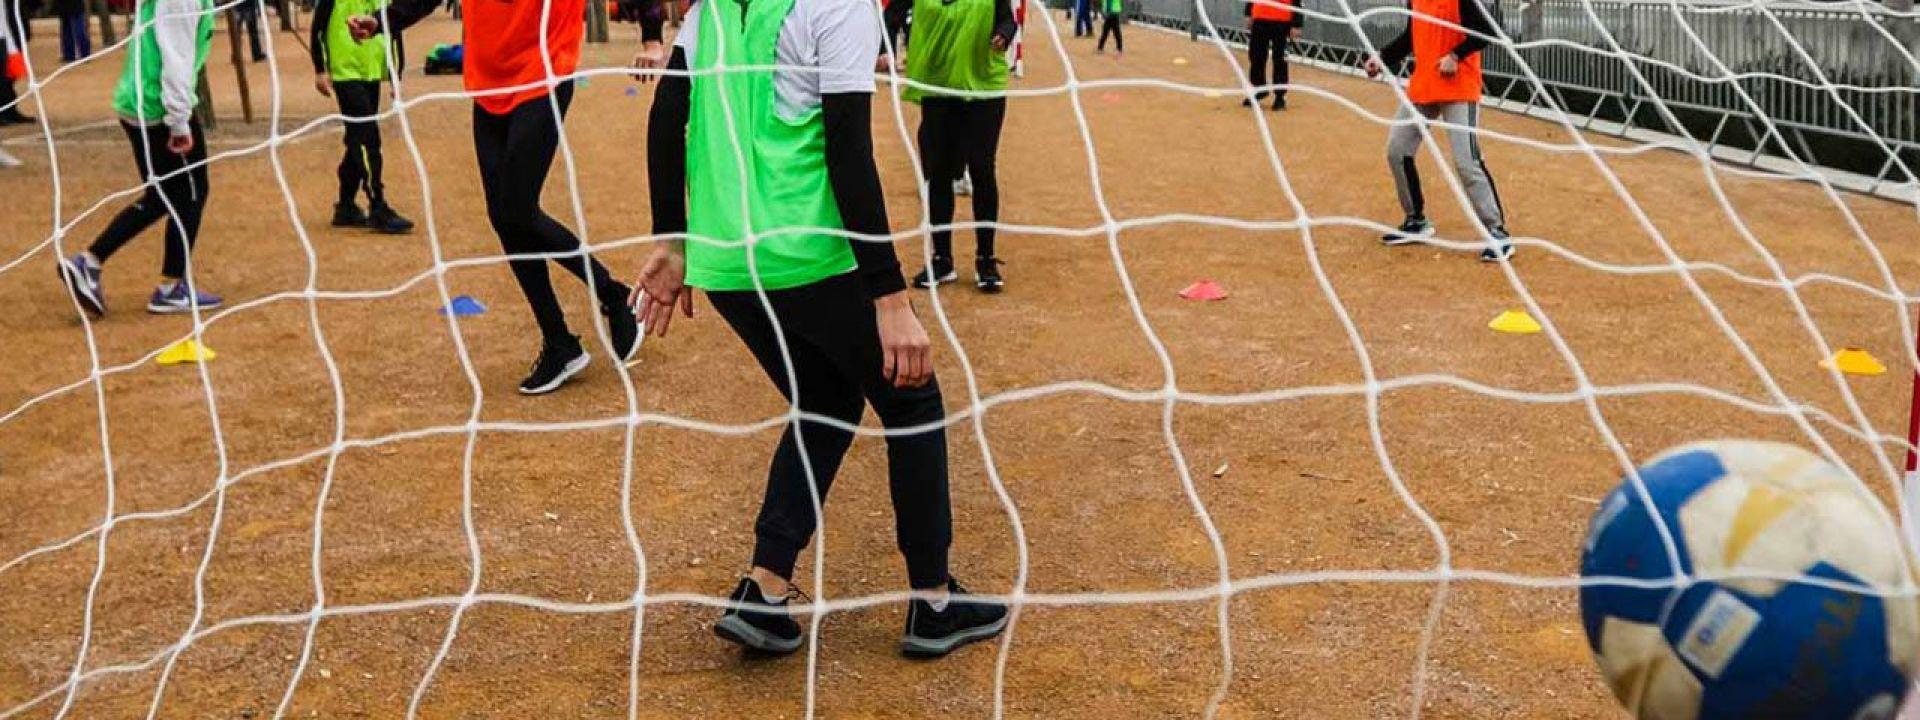 Φωτογραφία από αγώνα handball